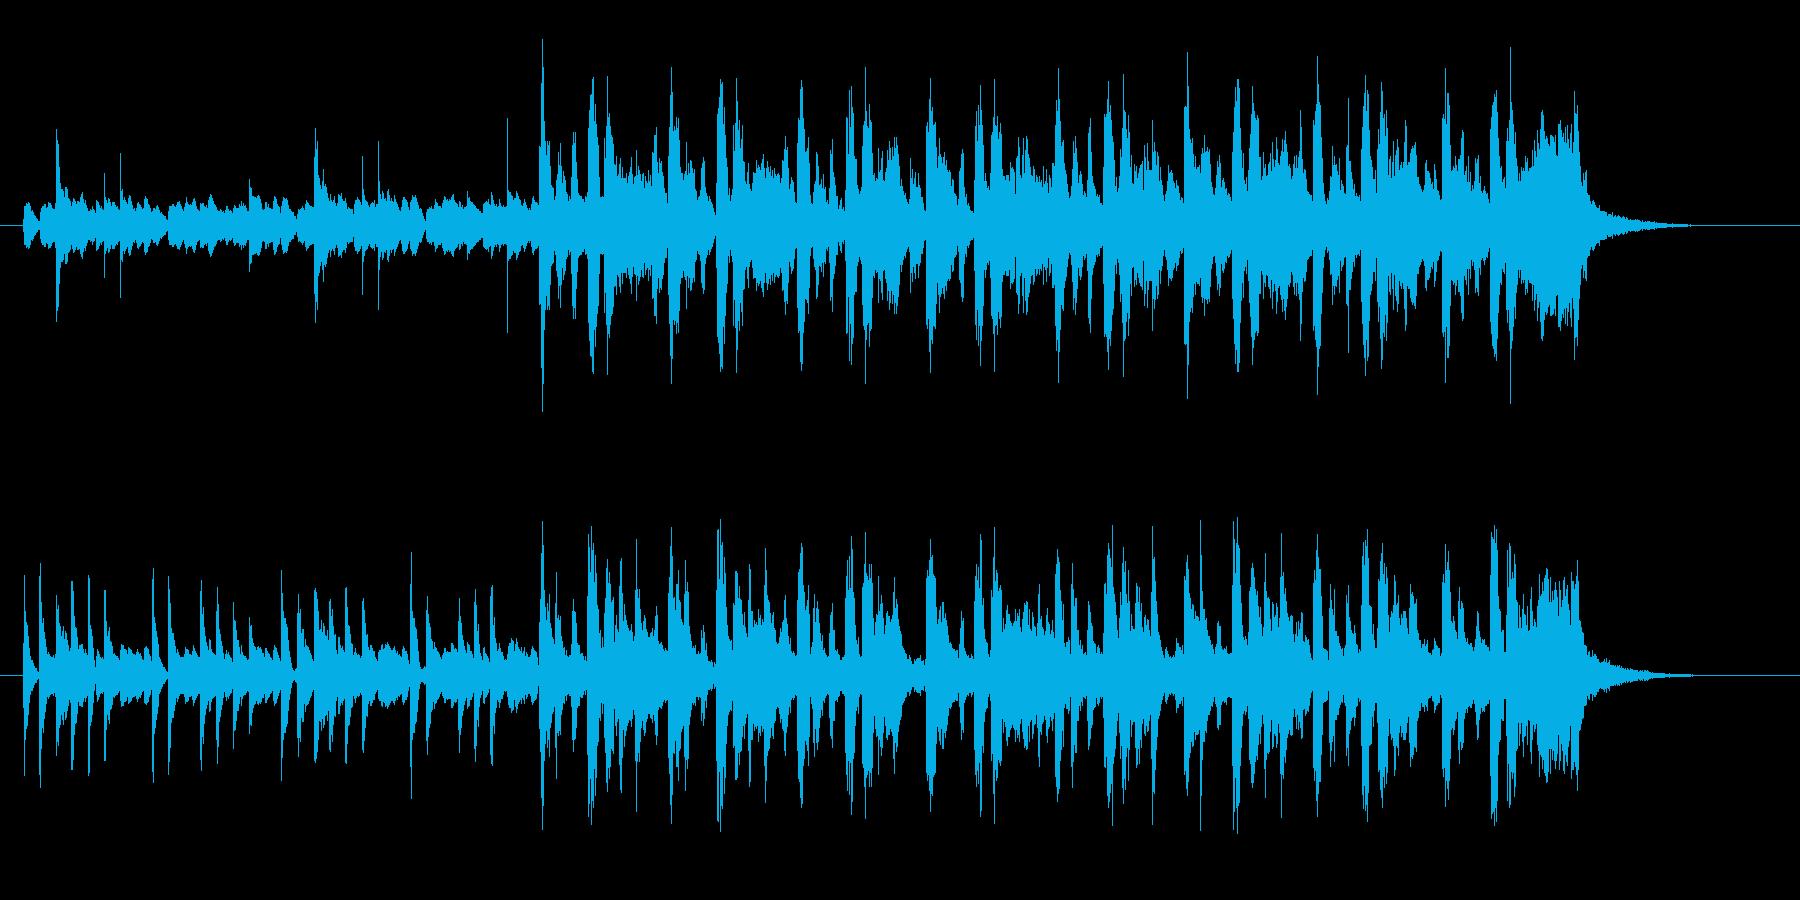 ゆったりとかわいらしい音楽の再生済みの波形